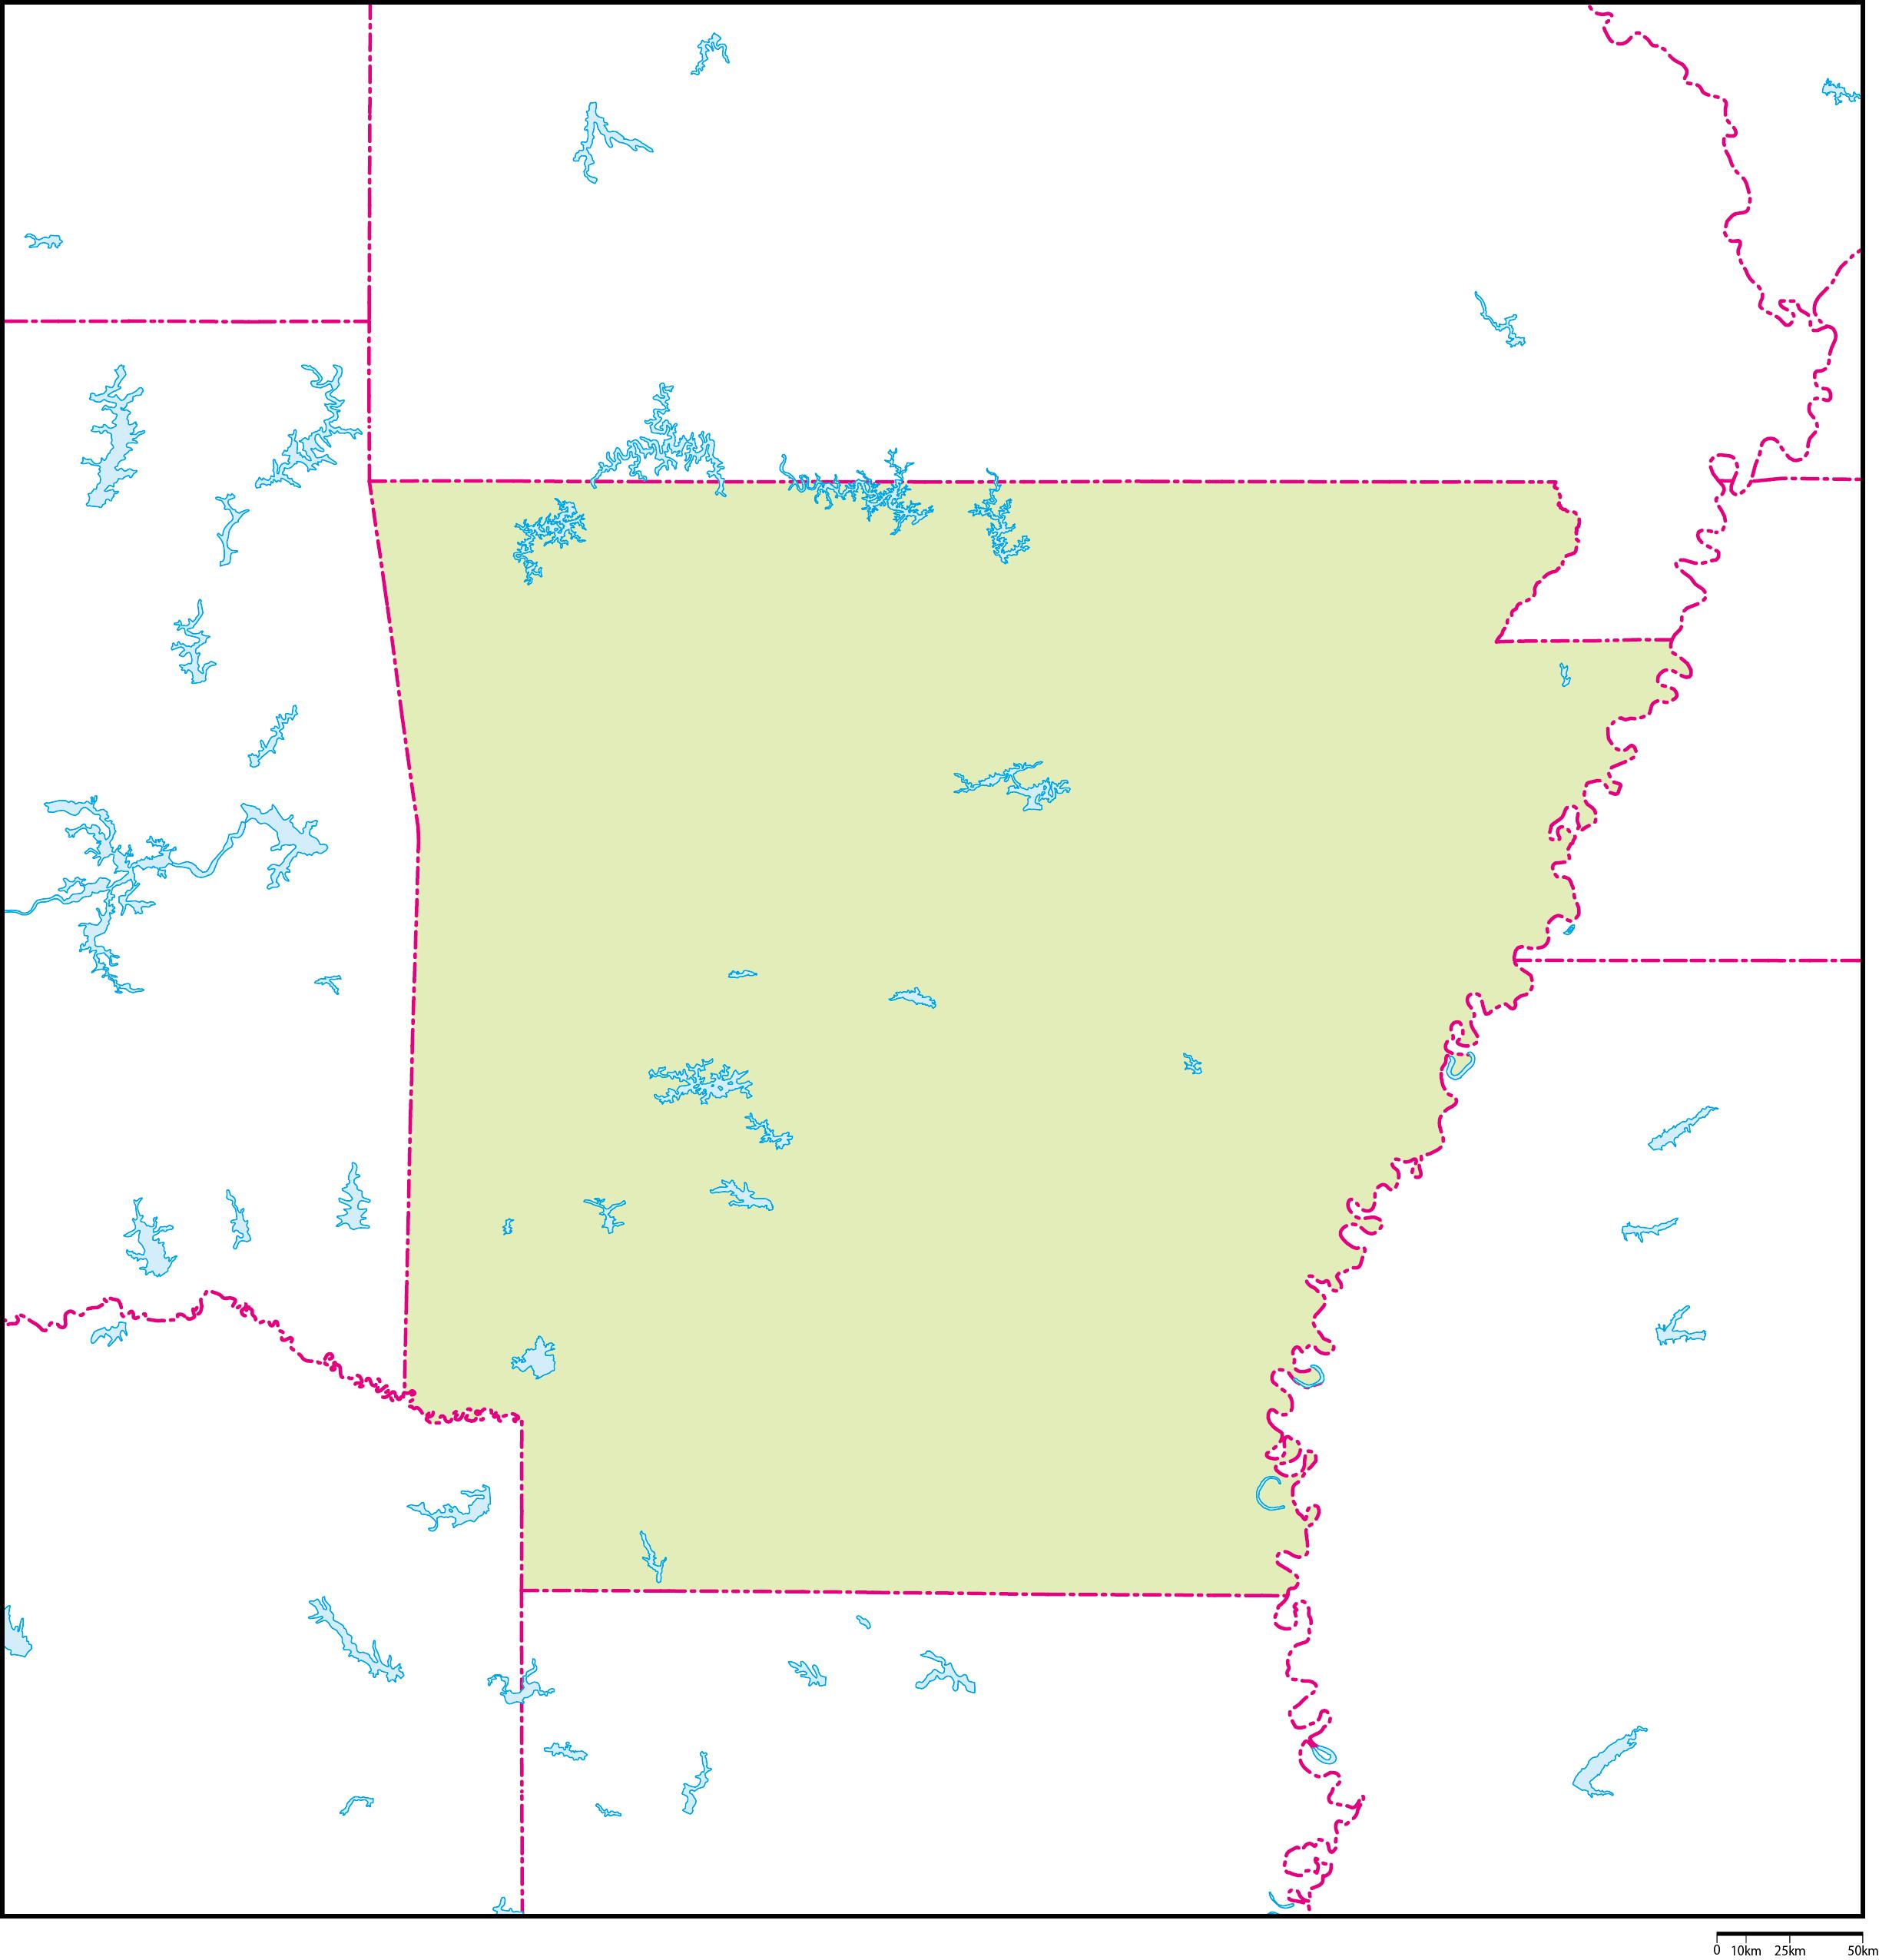 アーカンソー州地図フリーデータ